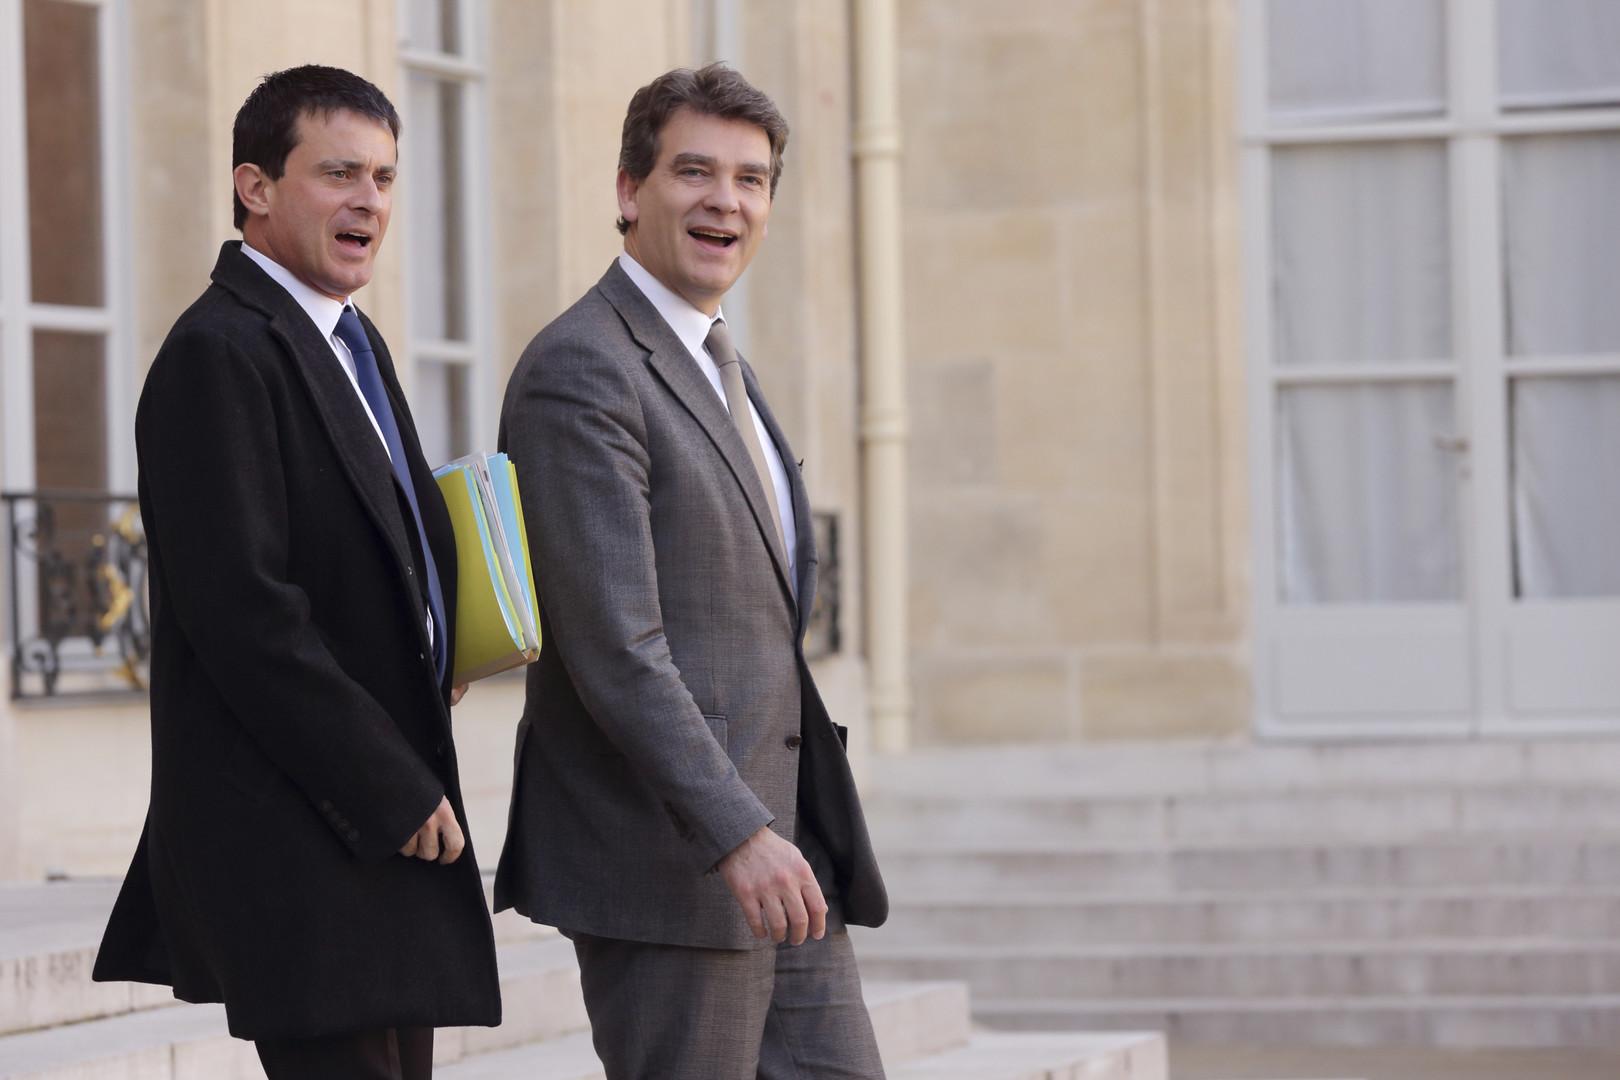 Loin de l'union sacrée, le PS est aujourd'hui divisé entre deux courants que représentent bien Arnaud Montebourg et Manuel Valls.